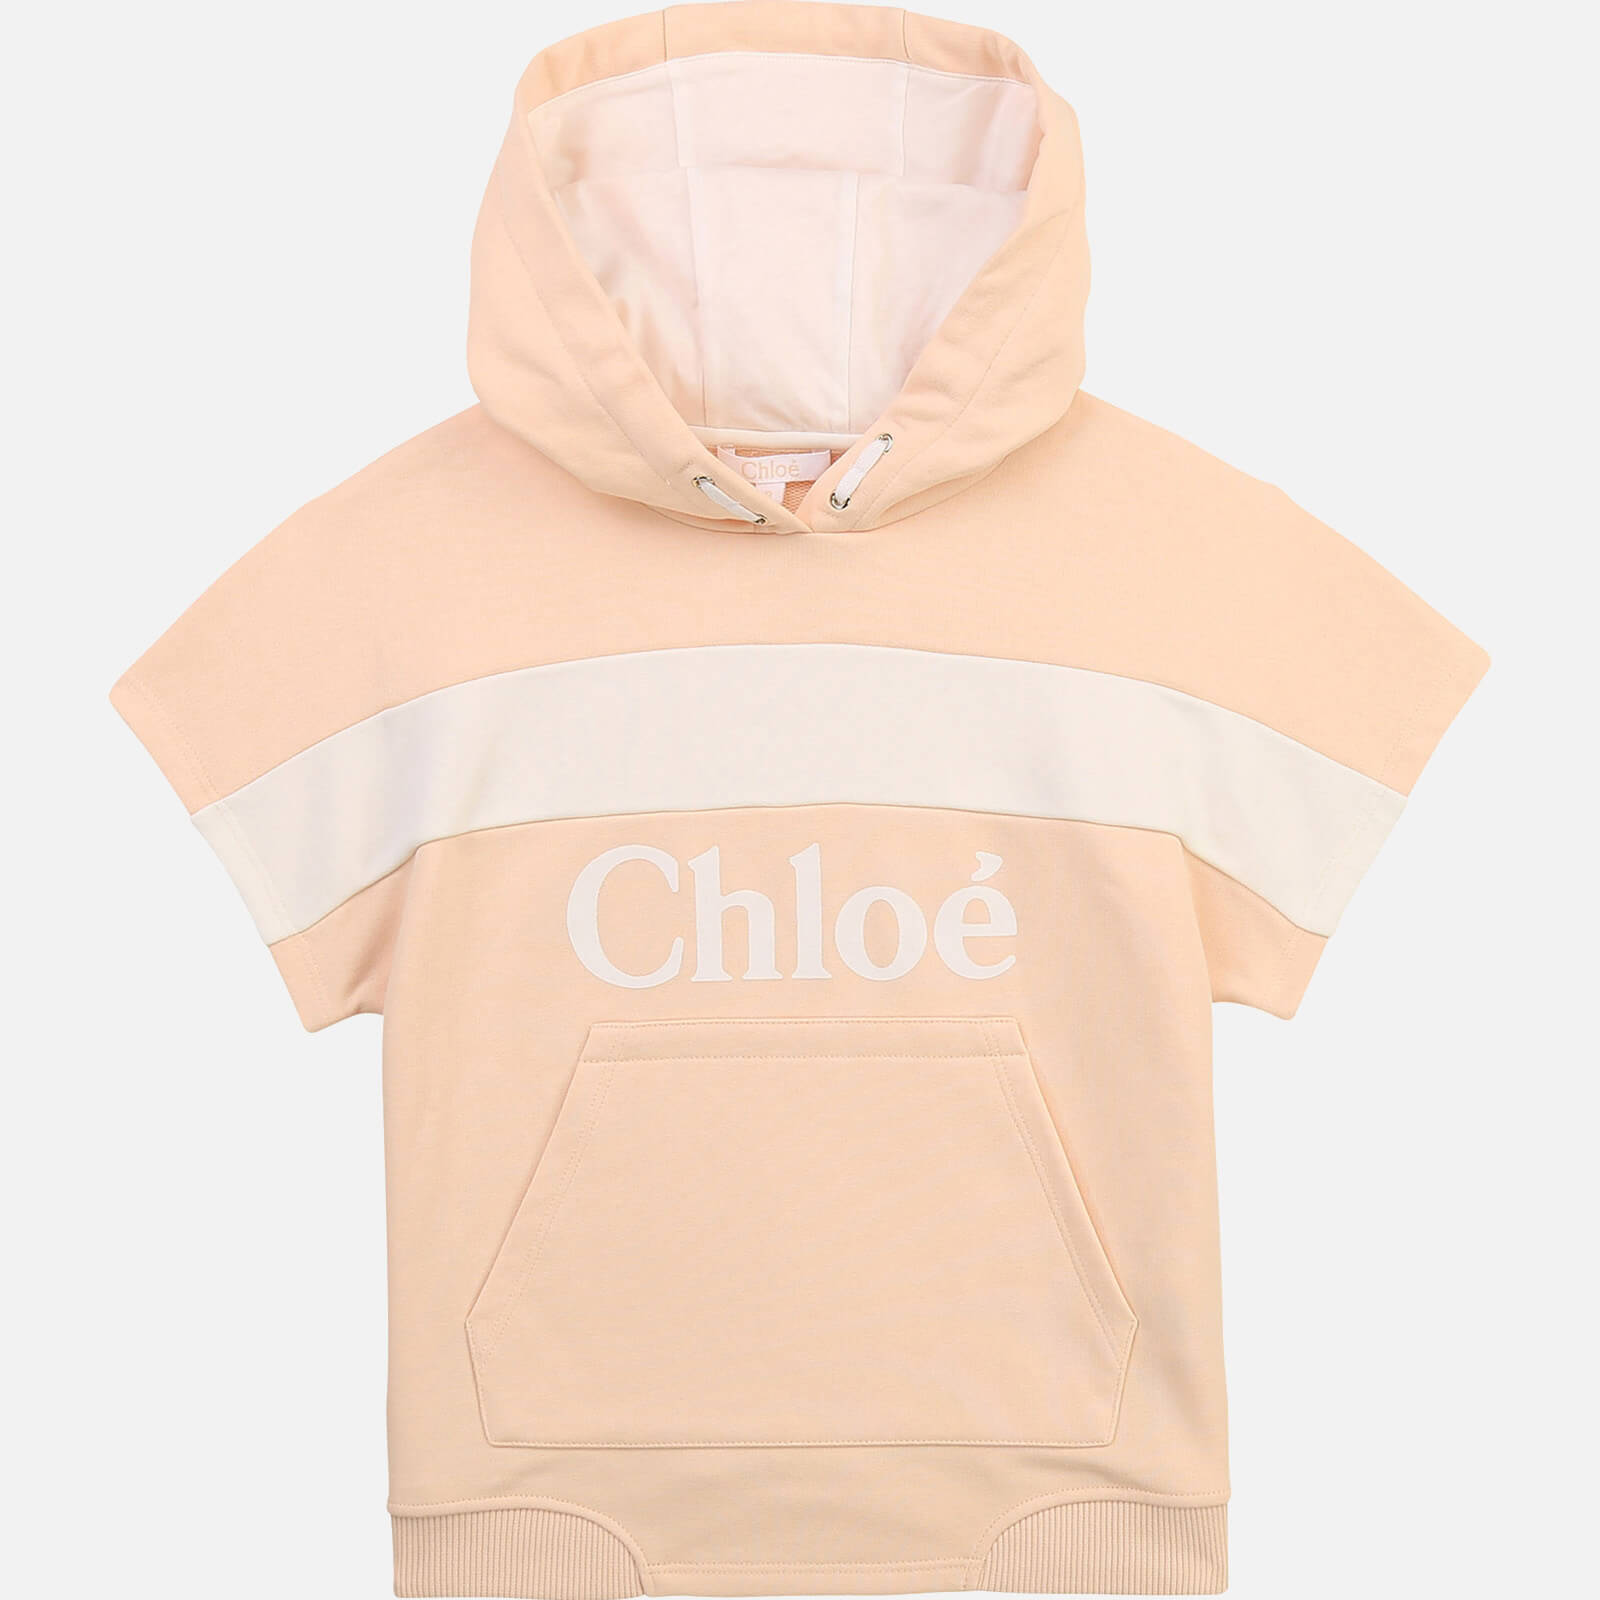 Chloe Girls' Hooded Stripe Sweatshirt - Pale Pink - 6 Years